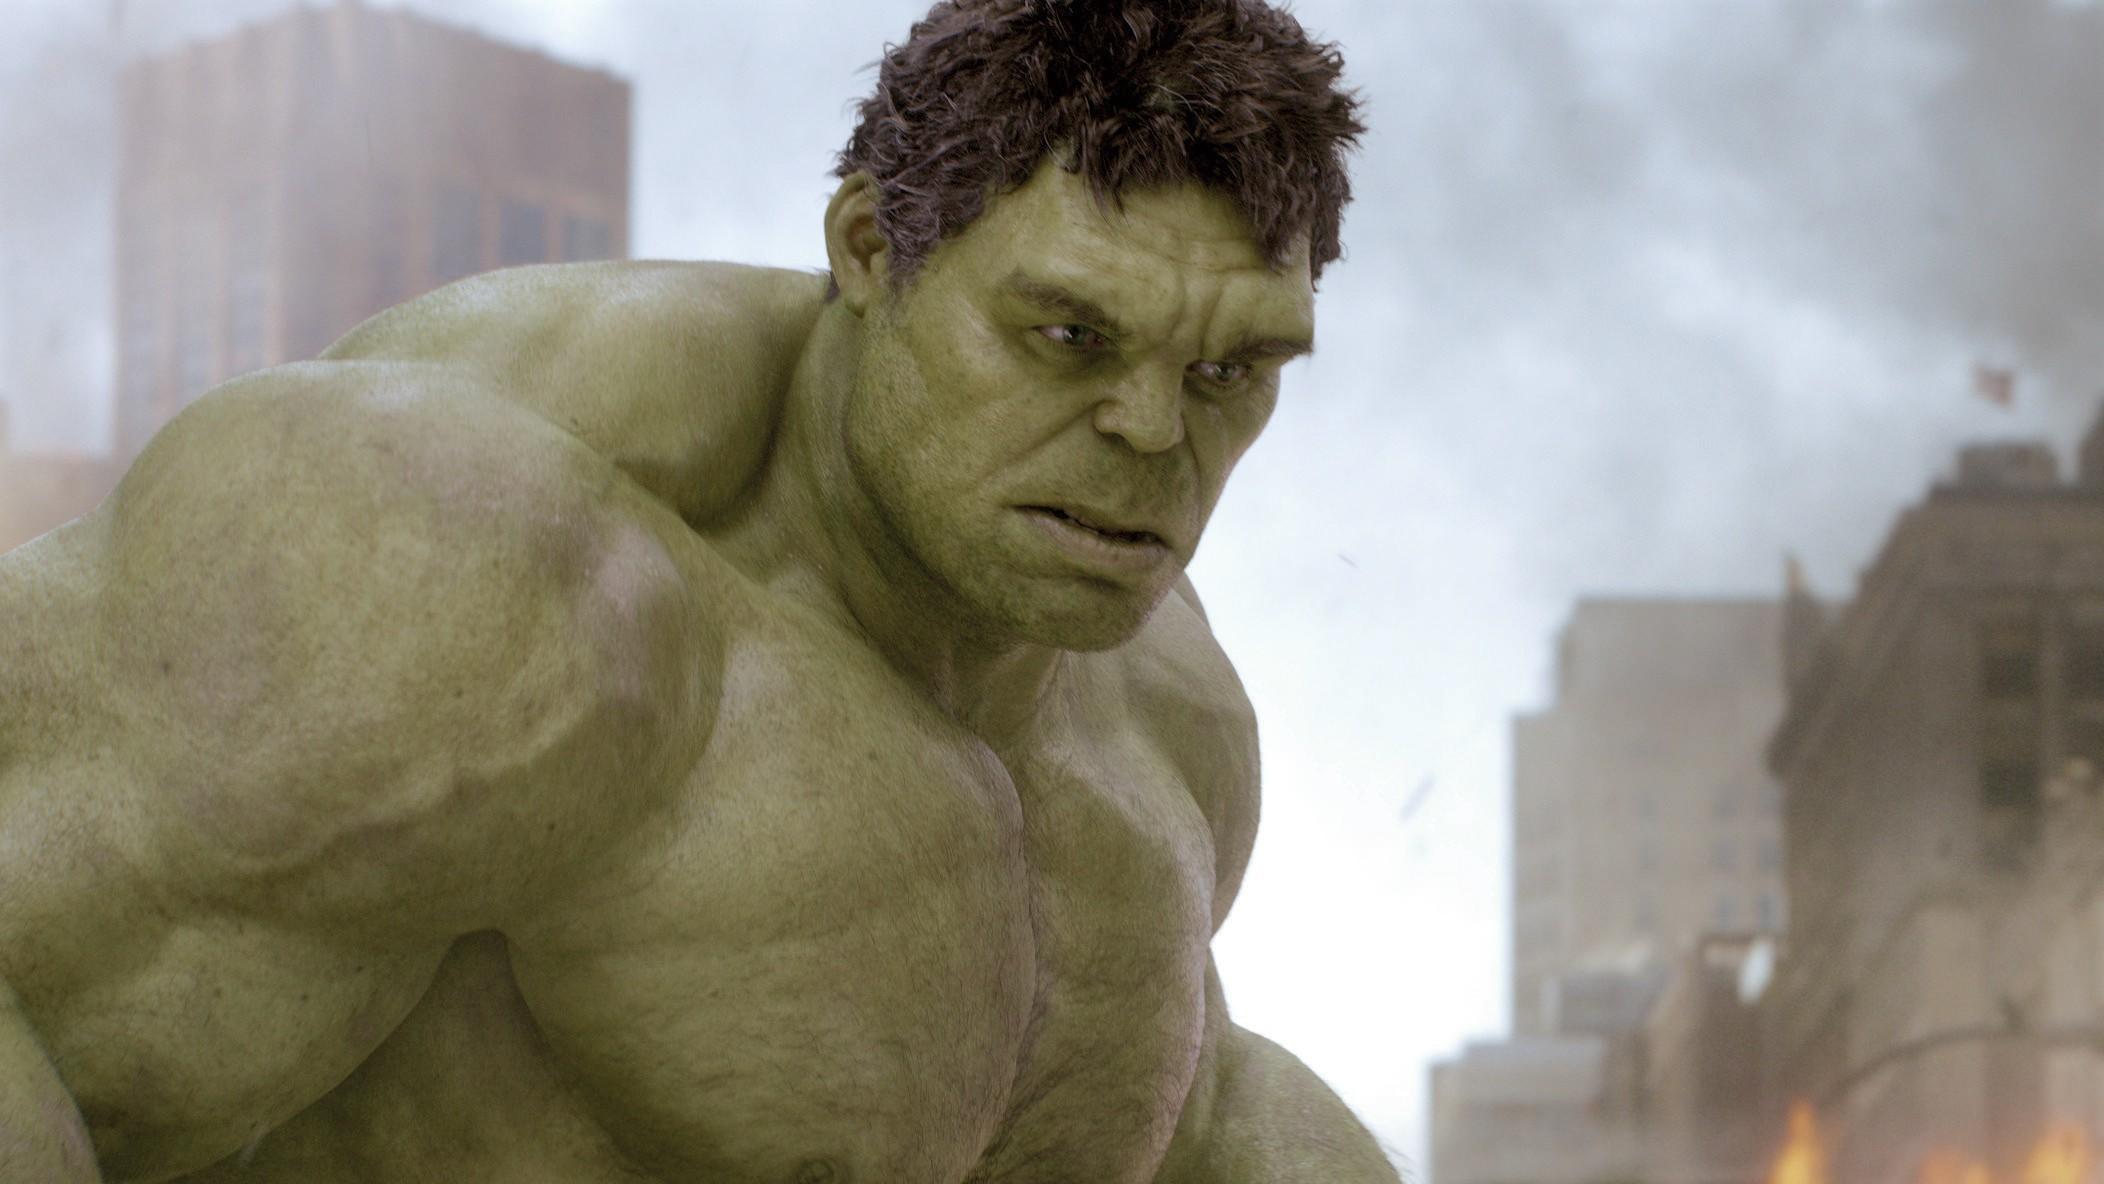 -hulk_face.jpg